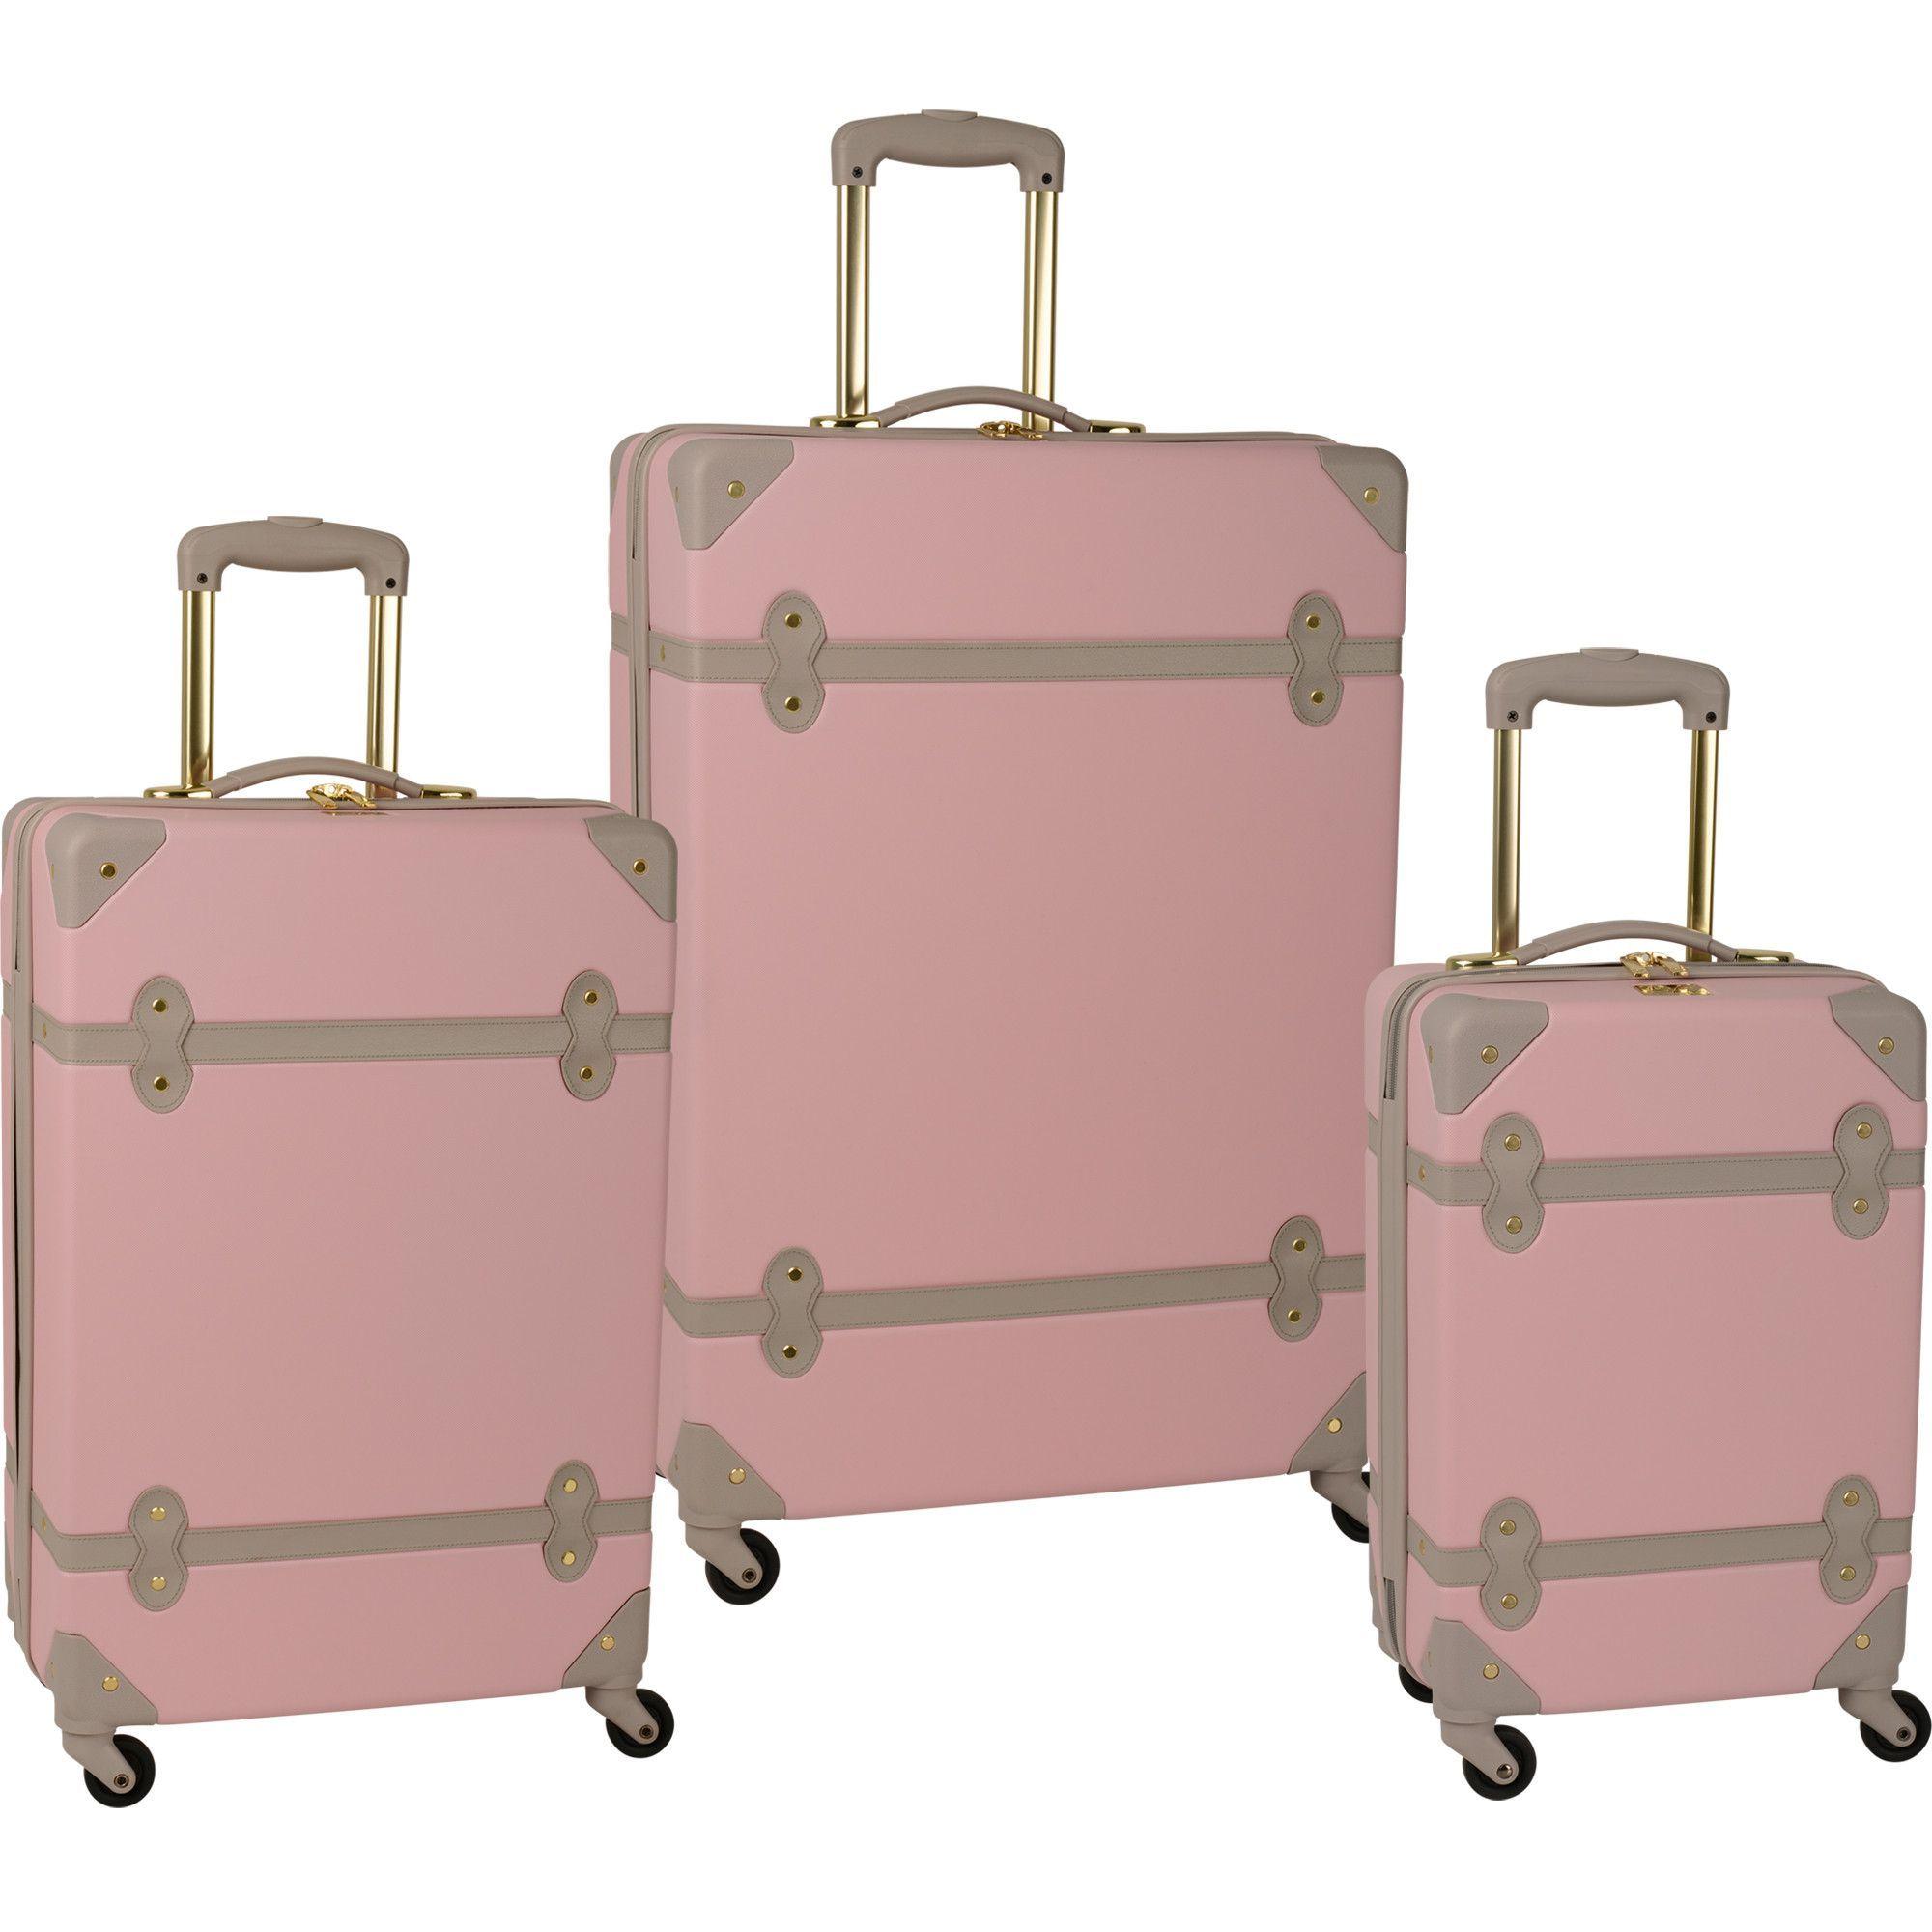 hardside vintage style luggage